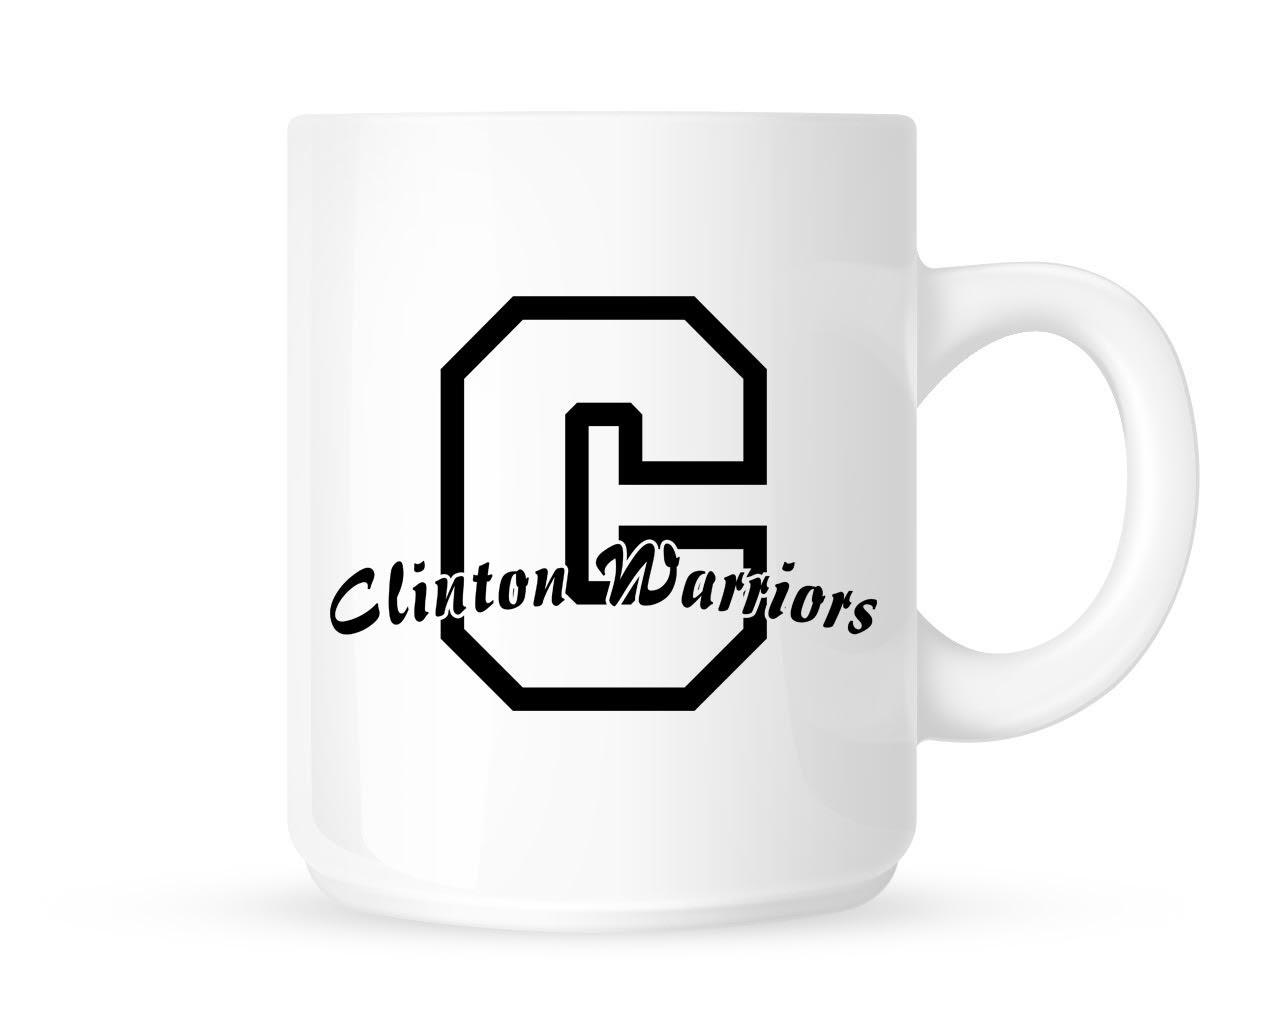 11oz White Ceramic Coffee Mug